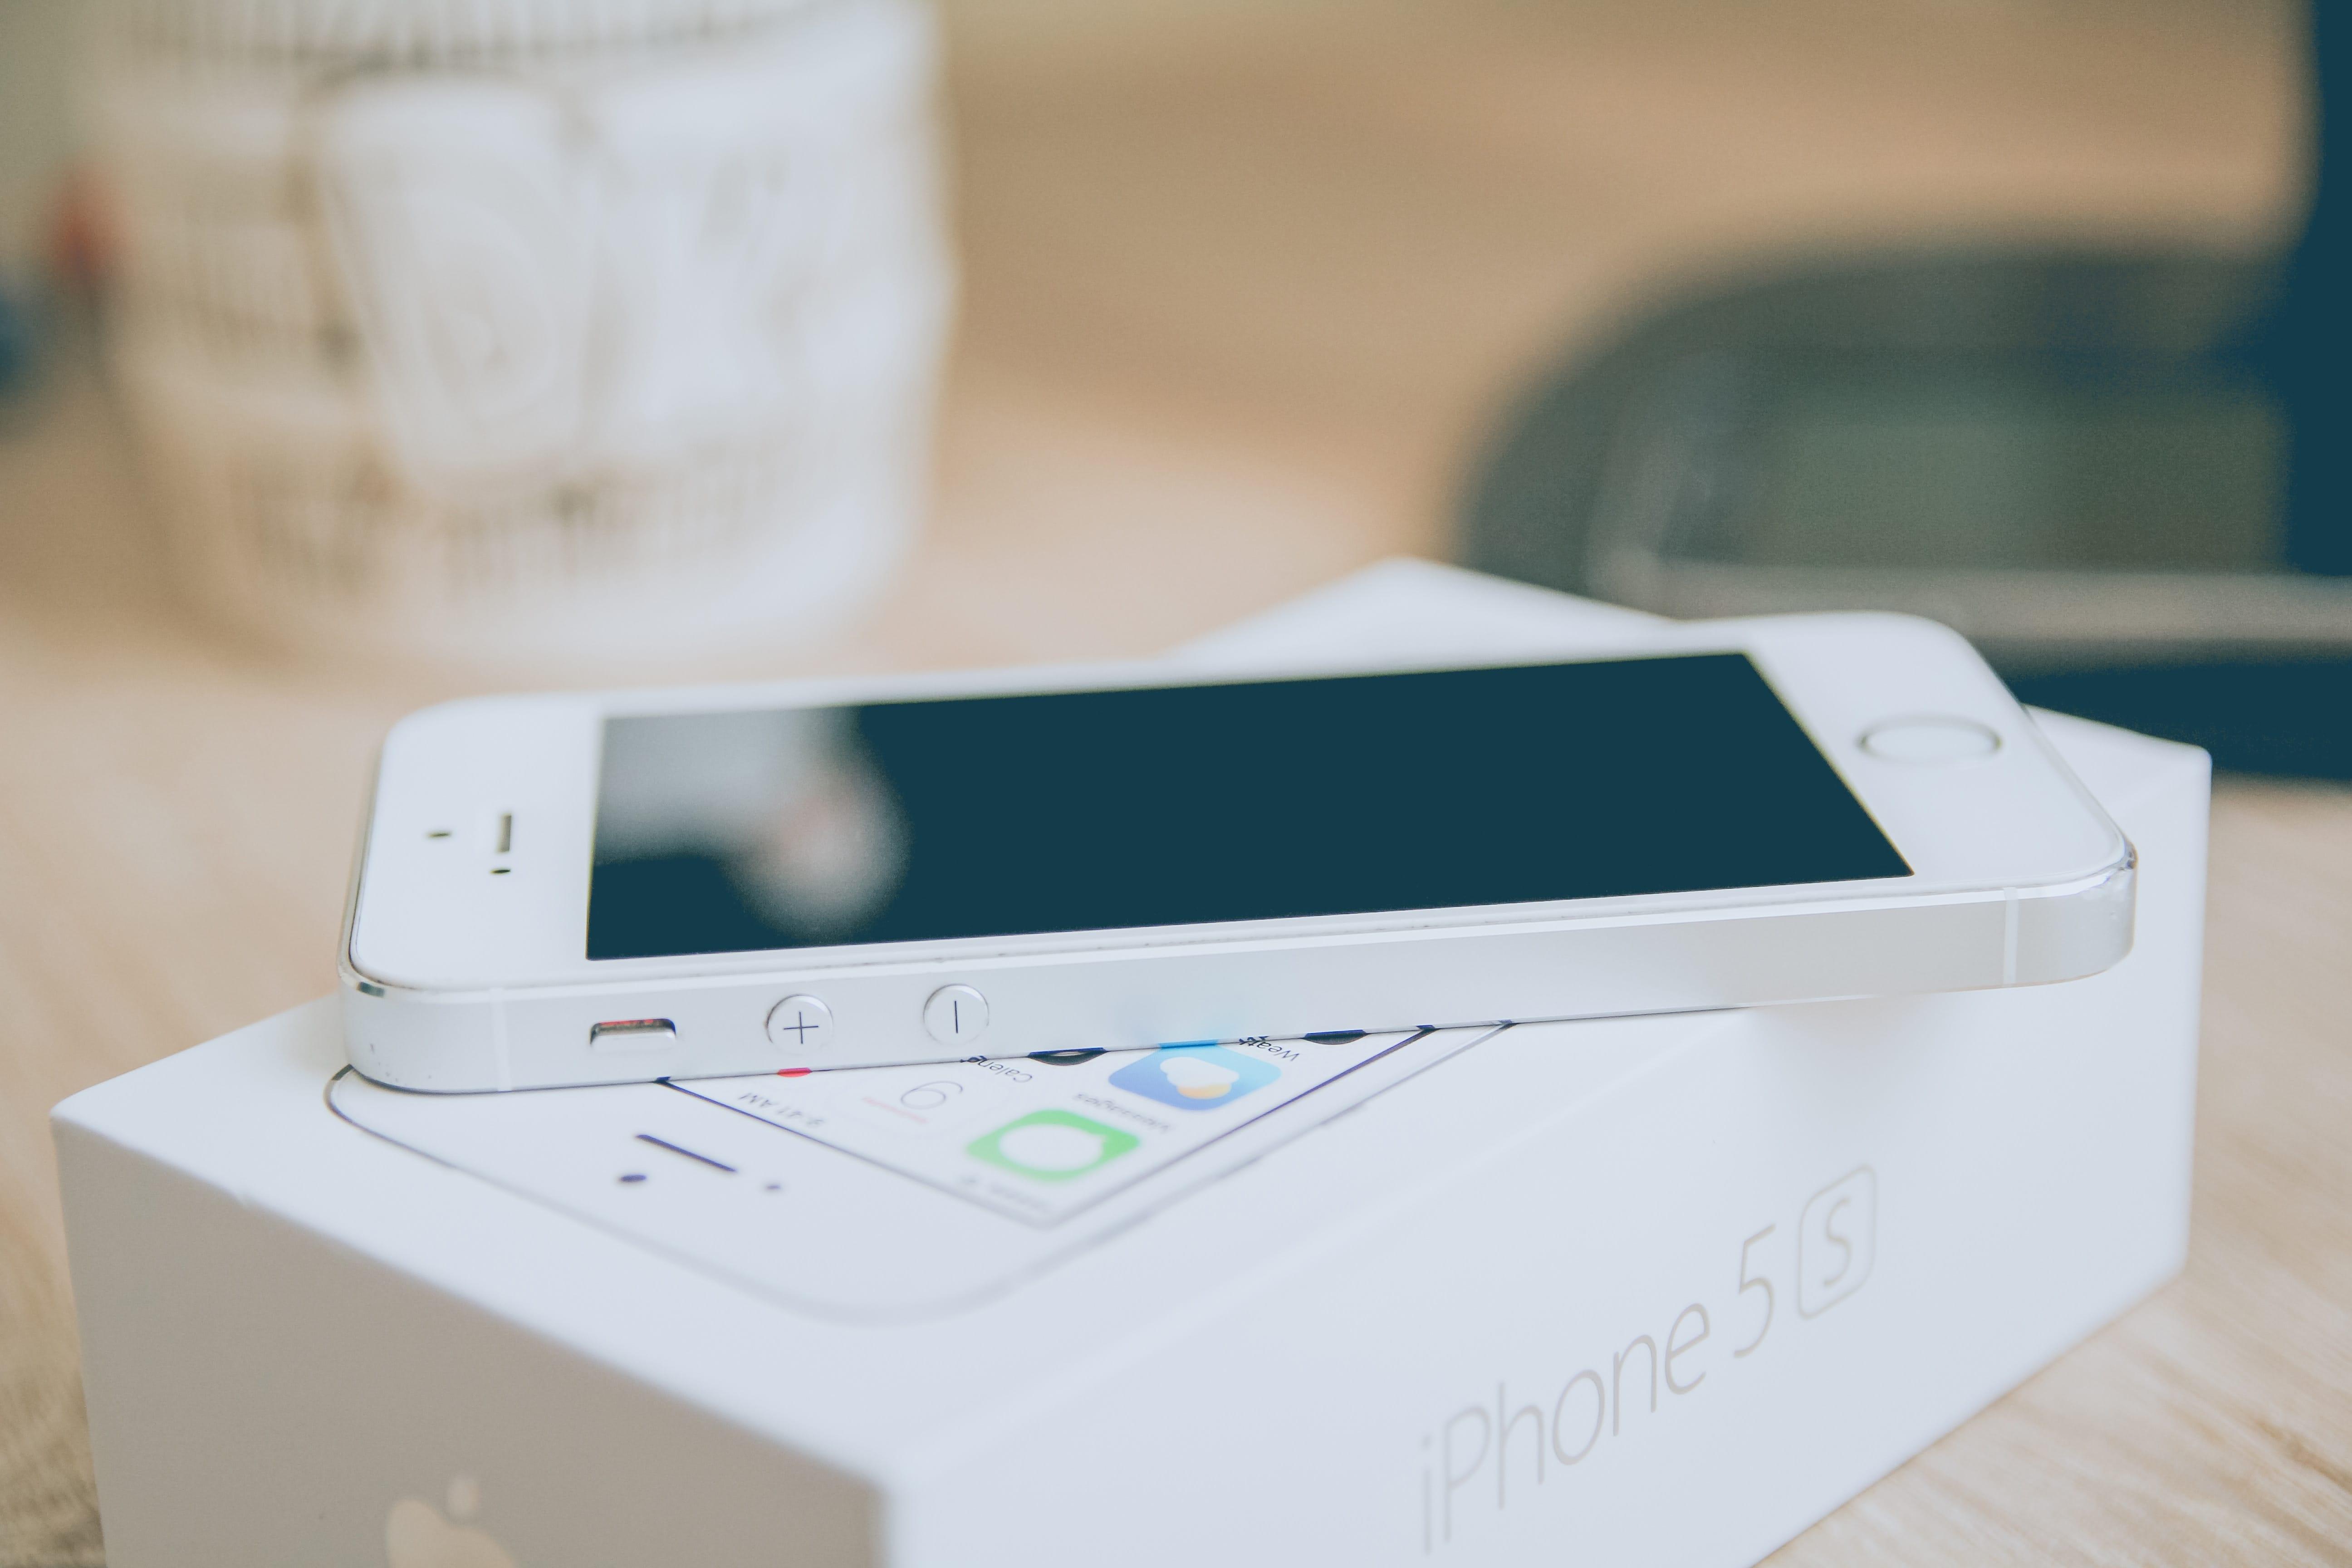 iOS 12: una nuova vita per i vecchi iPhone e iPad